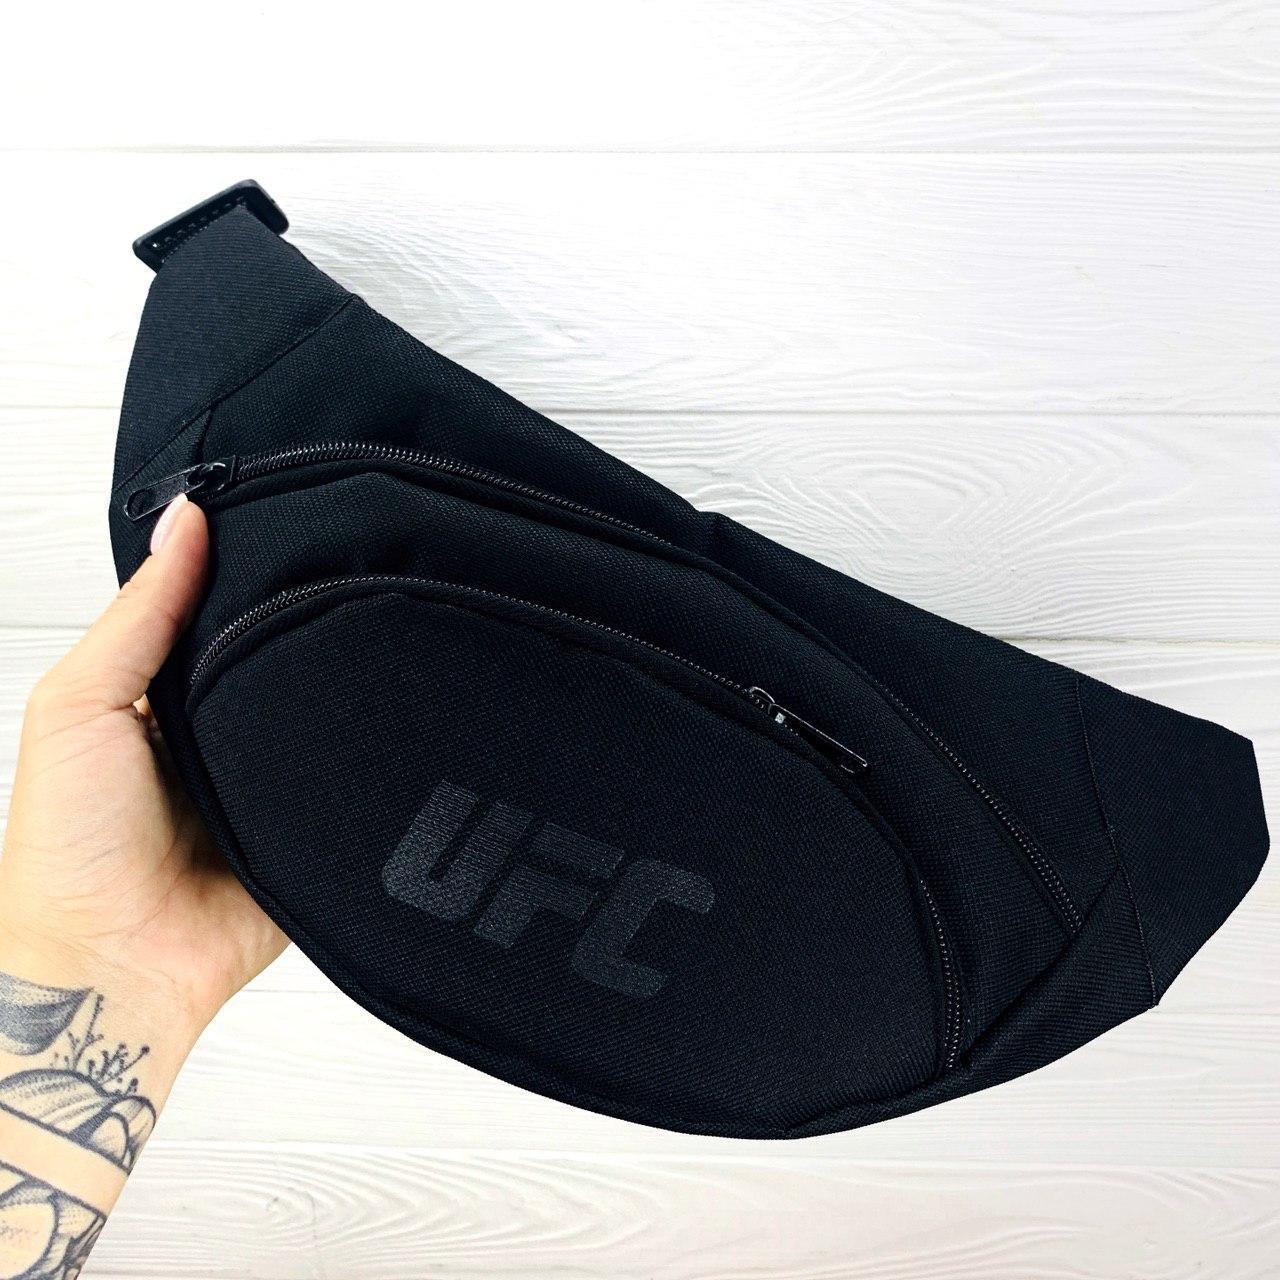 Бананка Мужская   Женская   Детская Reebok UFC черная рибок ЮФС